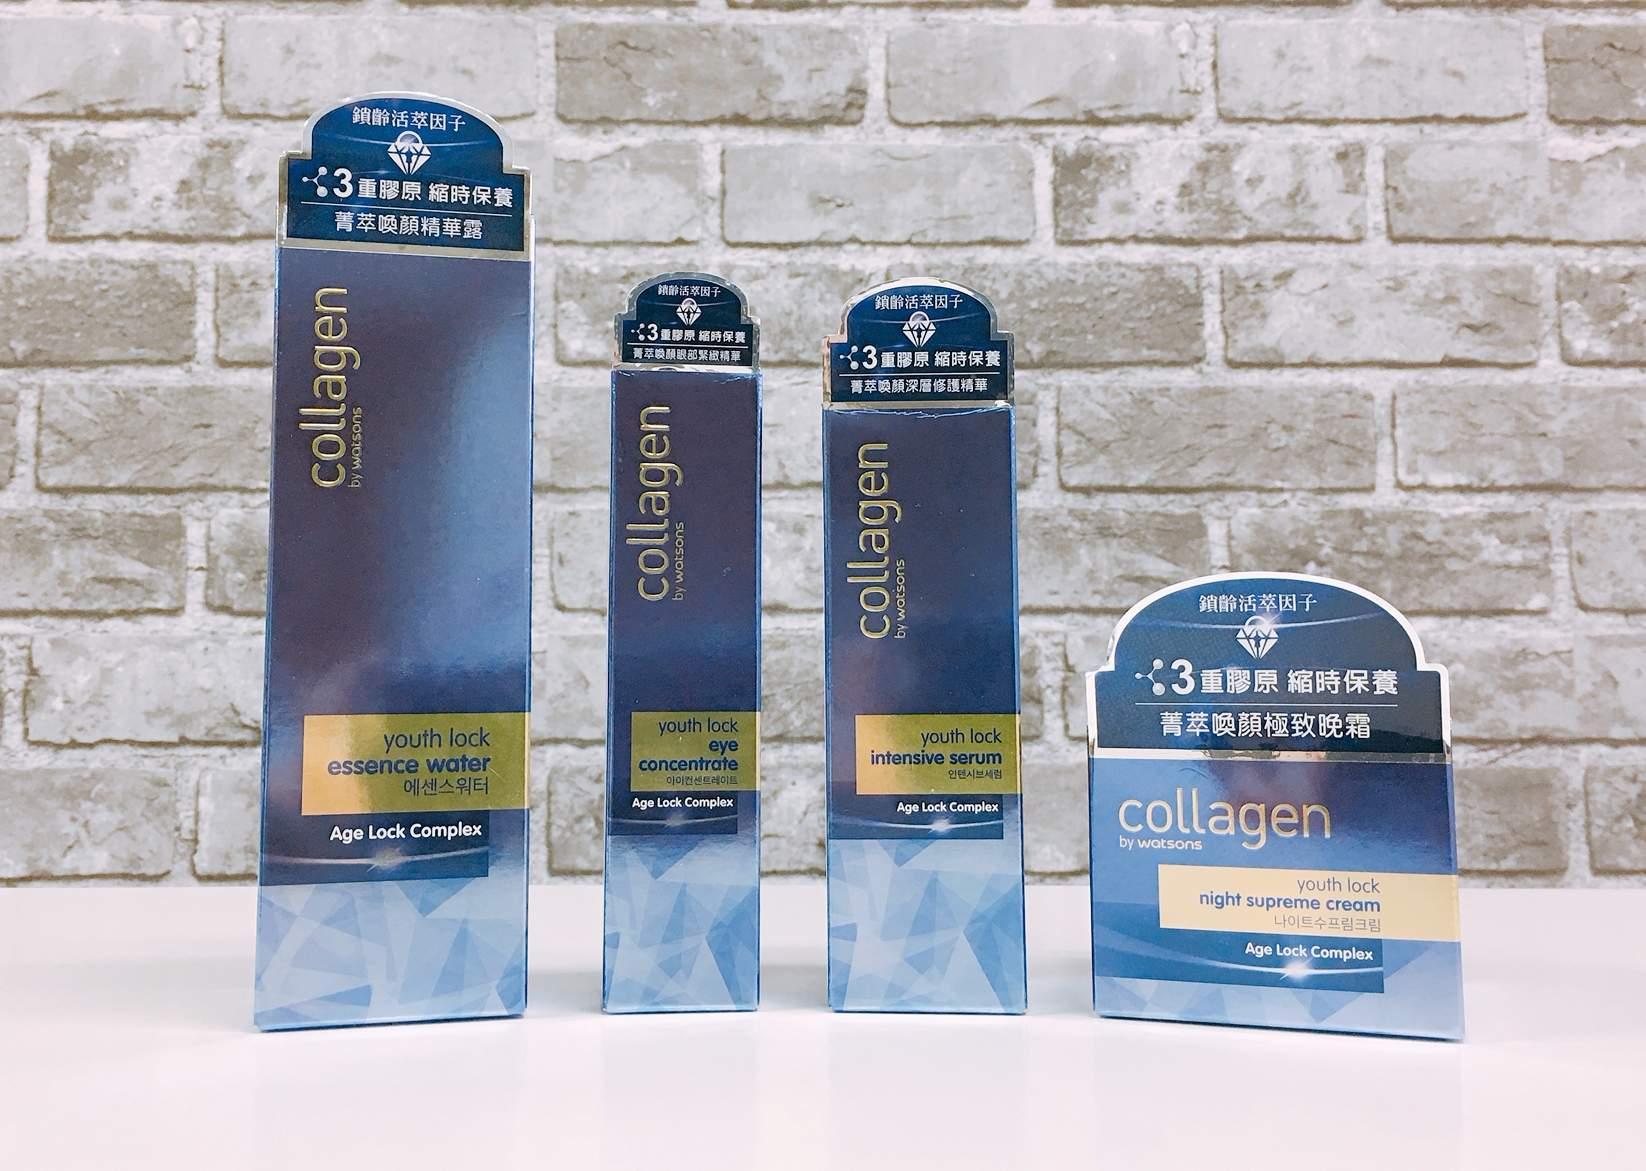 就是屈臣氏的「菁萃緊緻喚顏系列」,含有3重膠原蛋白和PHP植物精華萃取成分,有助於維持肌膚潤彈和提升緊緻力。